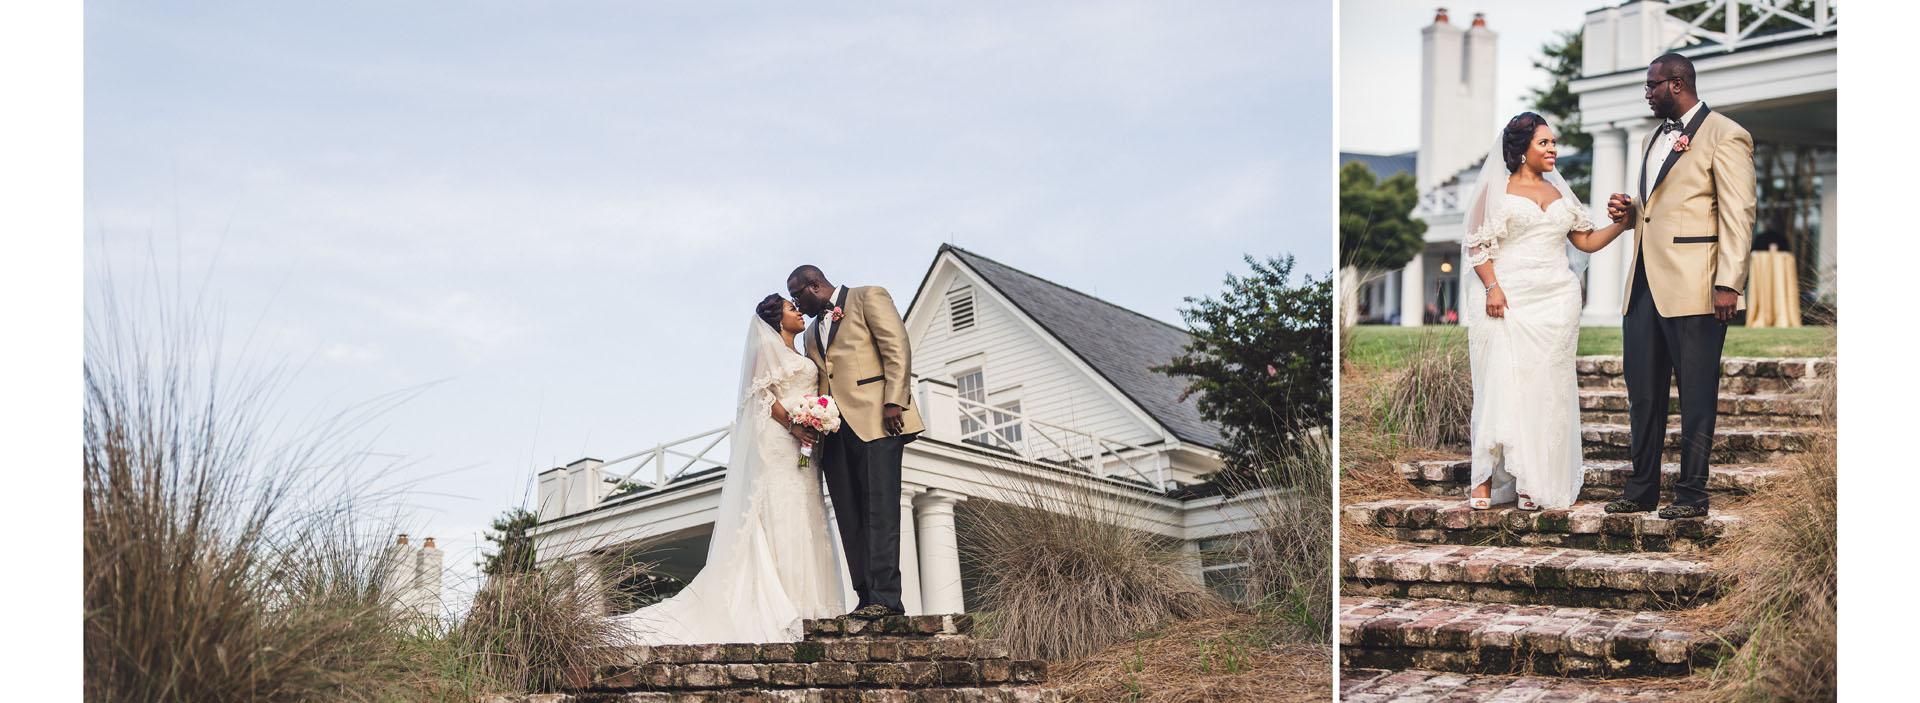 Daniel Island Club Wedding